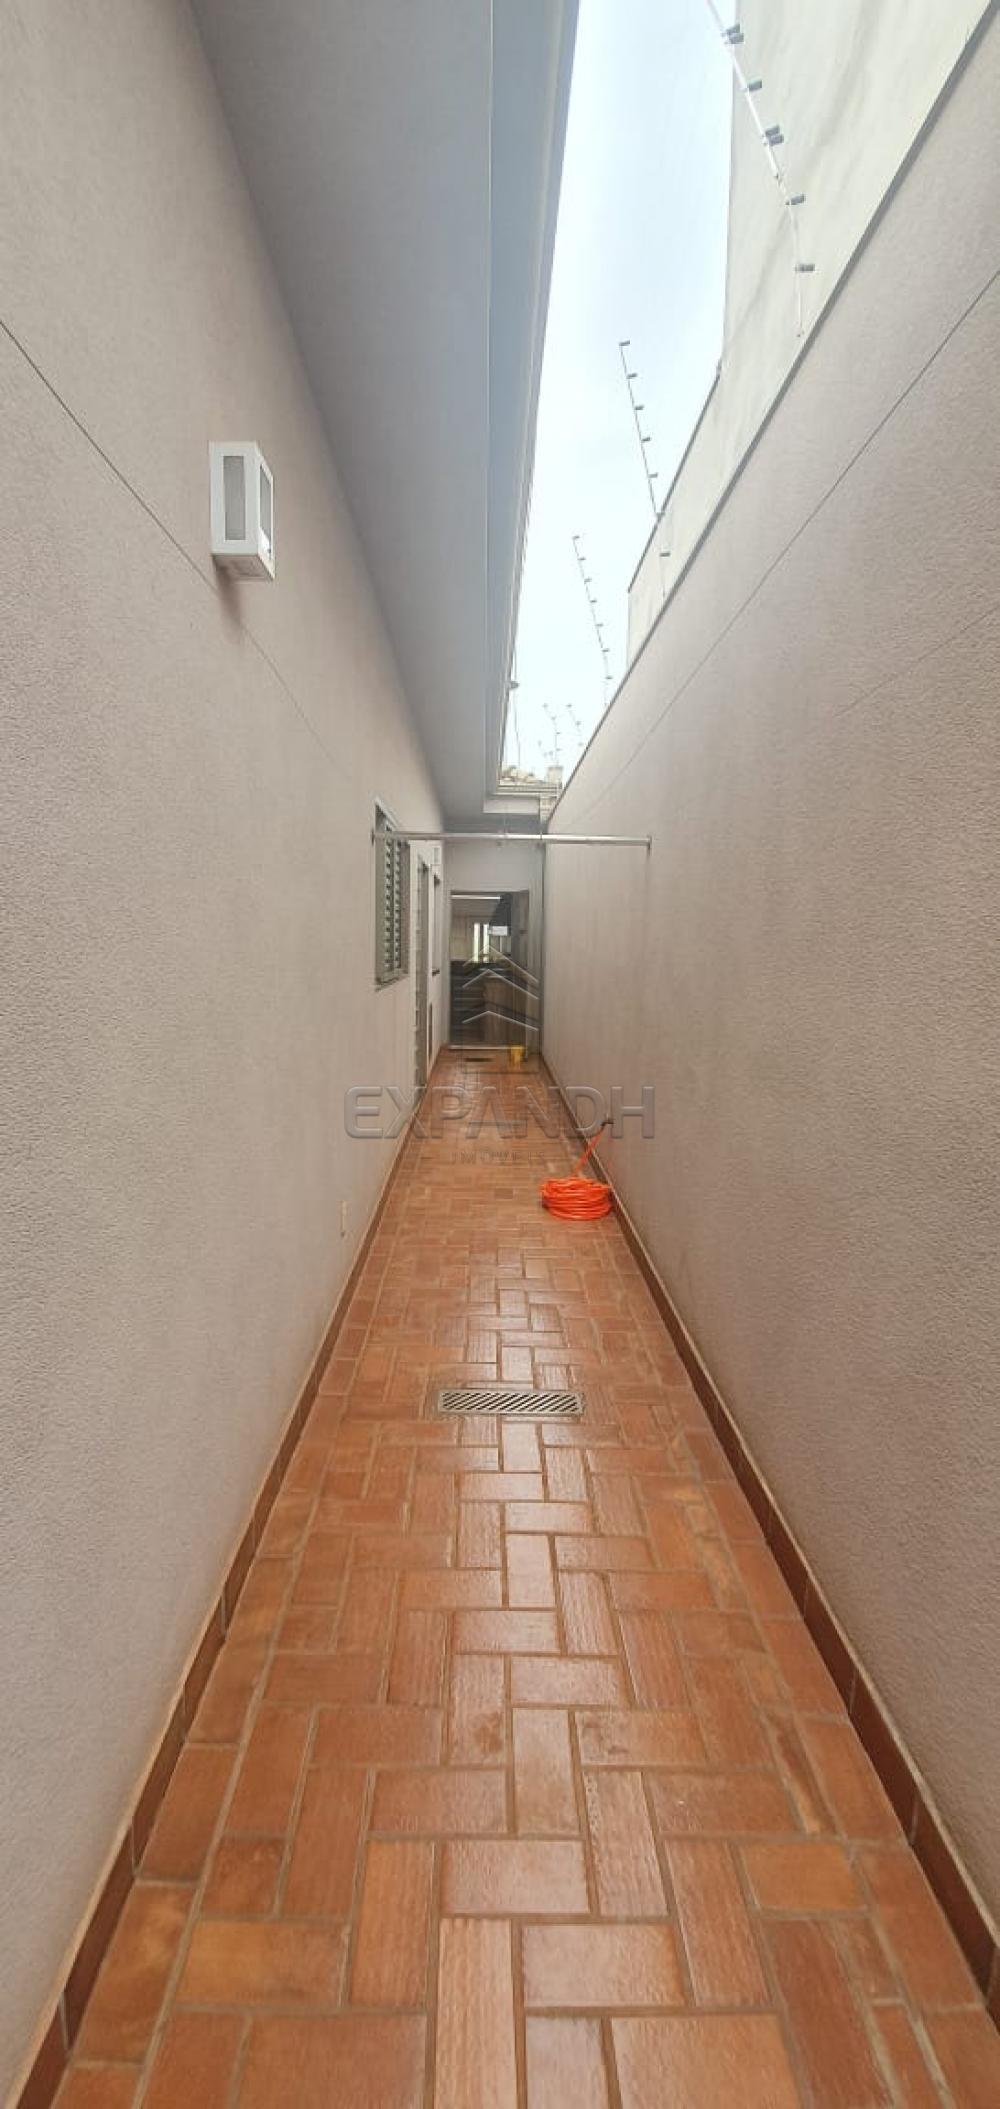 Comprar Casas / Padrão em Sertãozinho R$ 590.000,00 - Foto 28